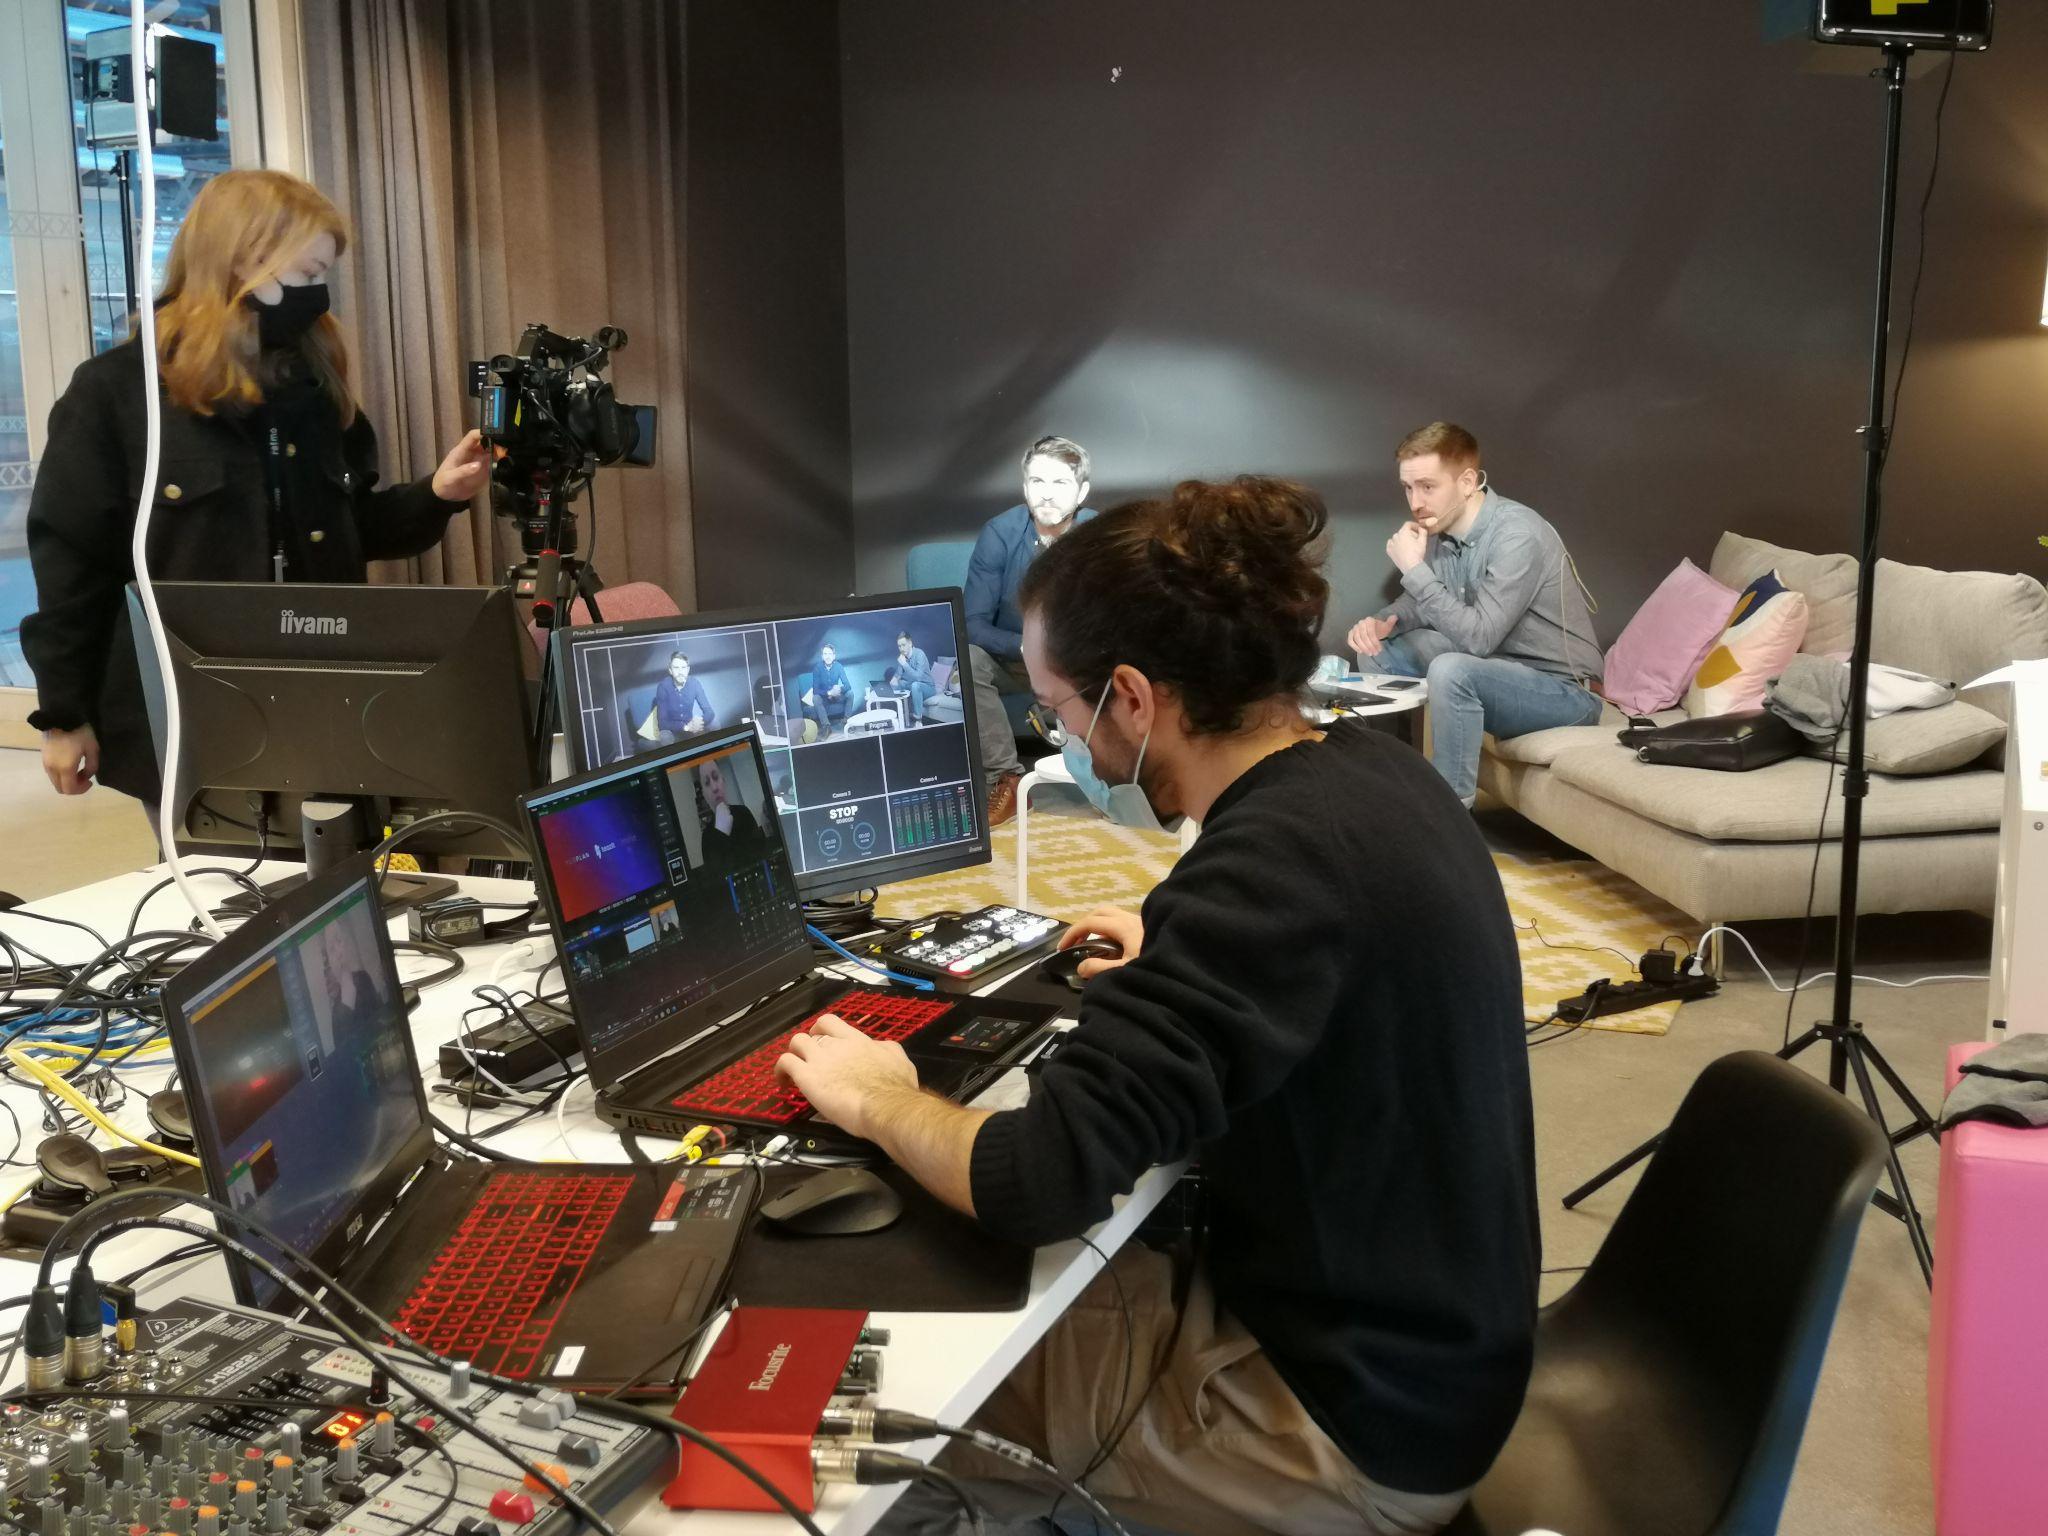 photo lors du tournage d'un webinaire Yurplan. Table de mixage au premier plan, caméra et interview de 2 personnes en fond.